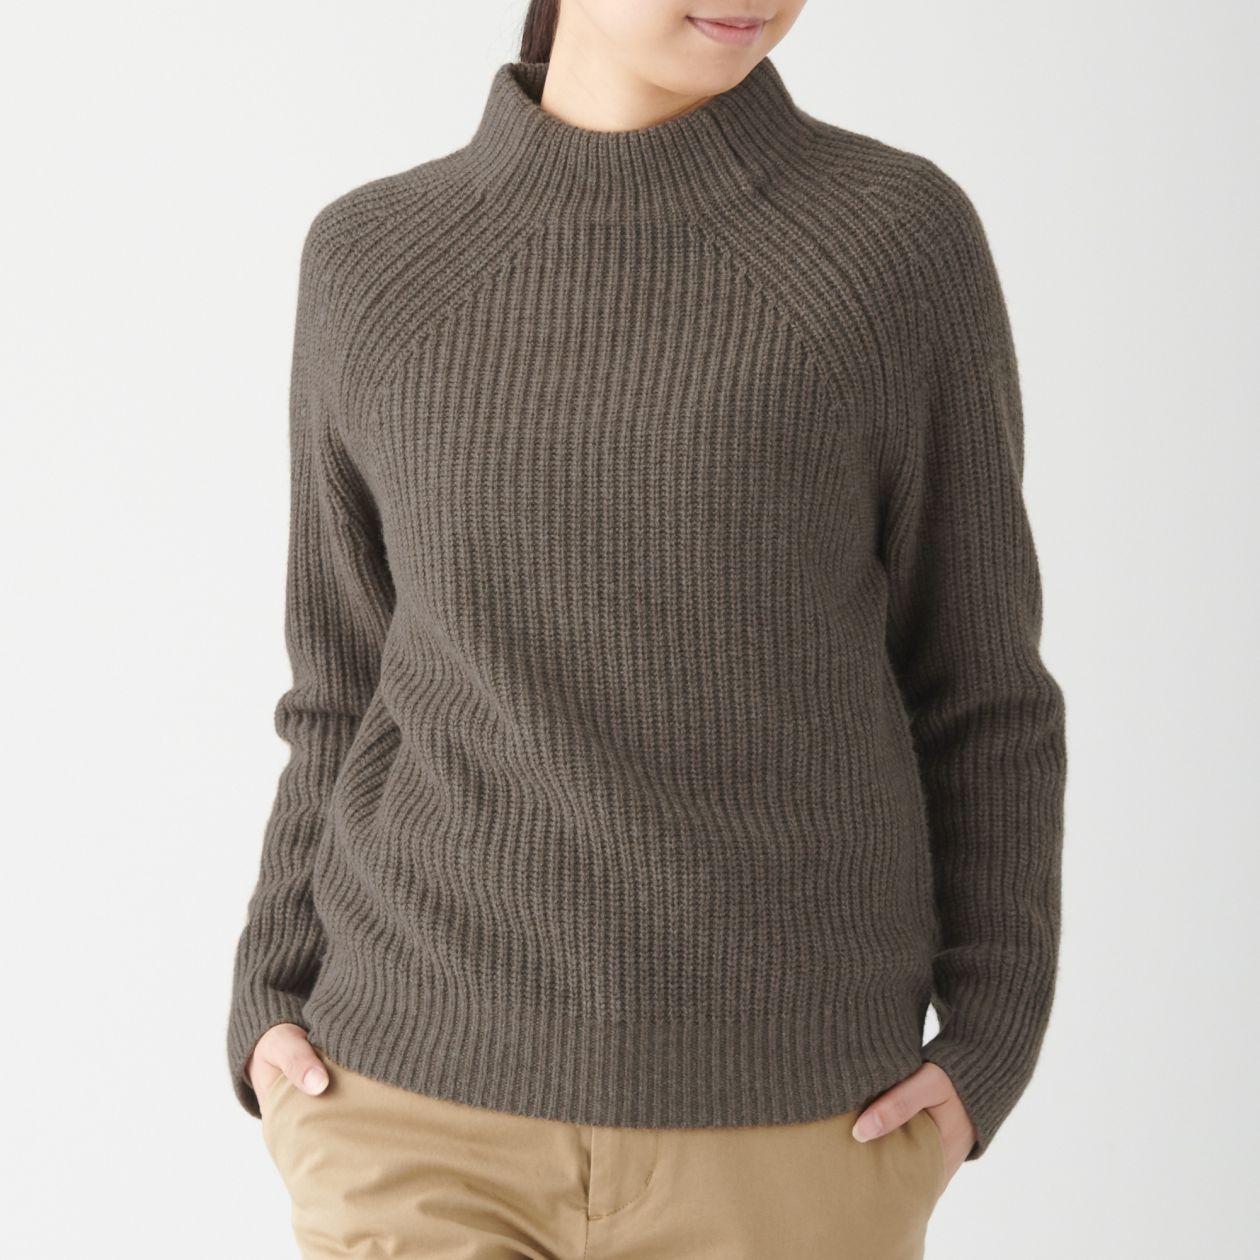 女氂牛毛混羊毛螺紋短領針織衫 深摩卡棕S | 無印良品